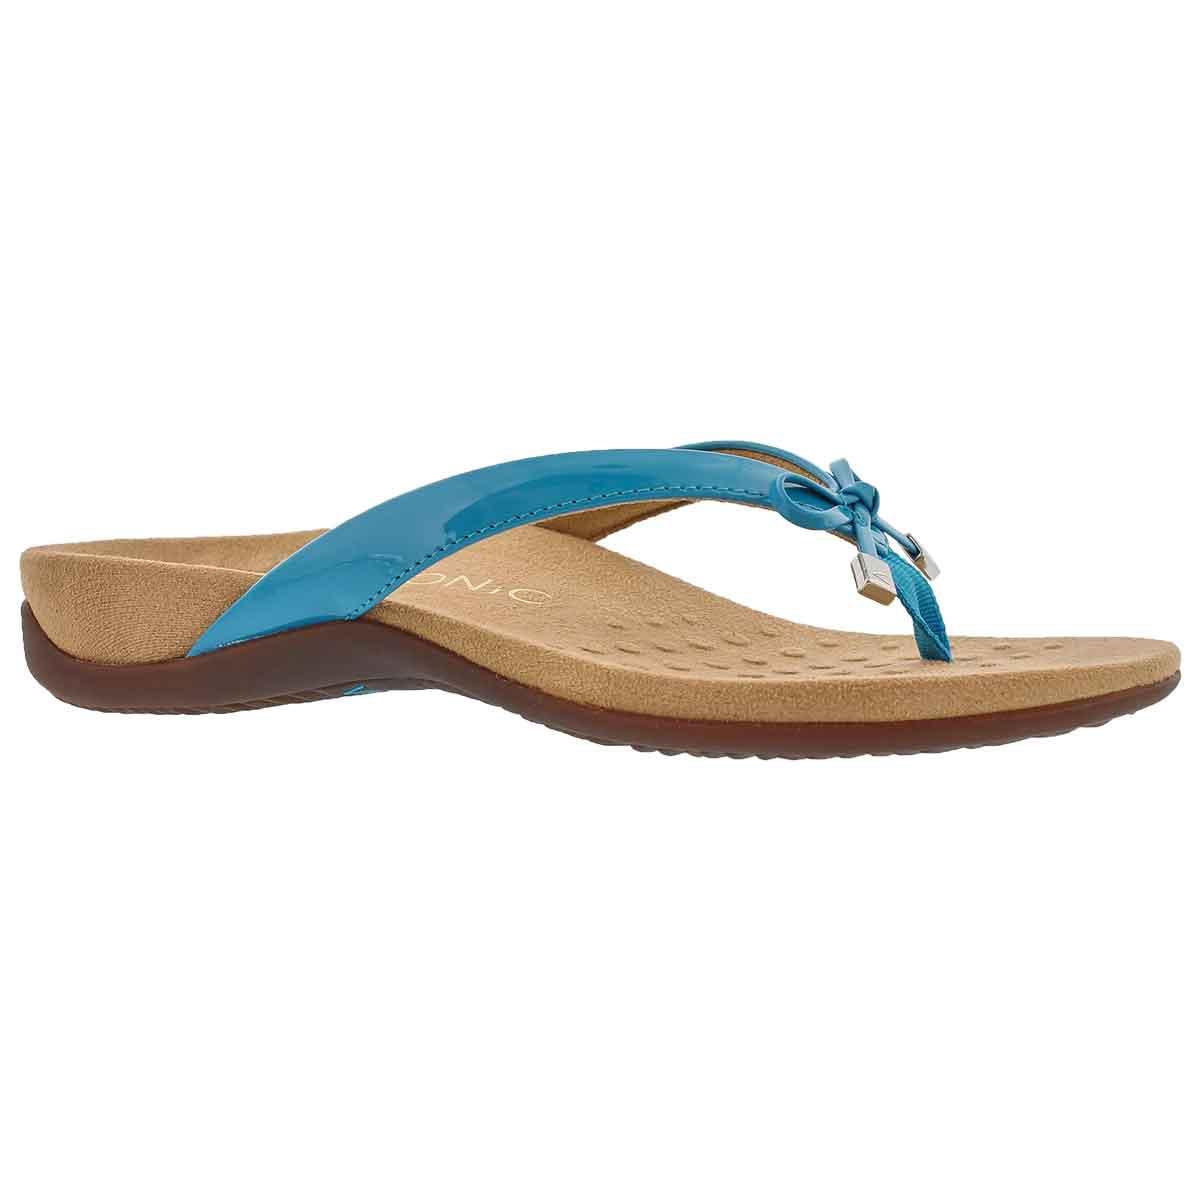 Women's BELLA II blue arch supprt thong sandals